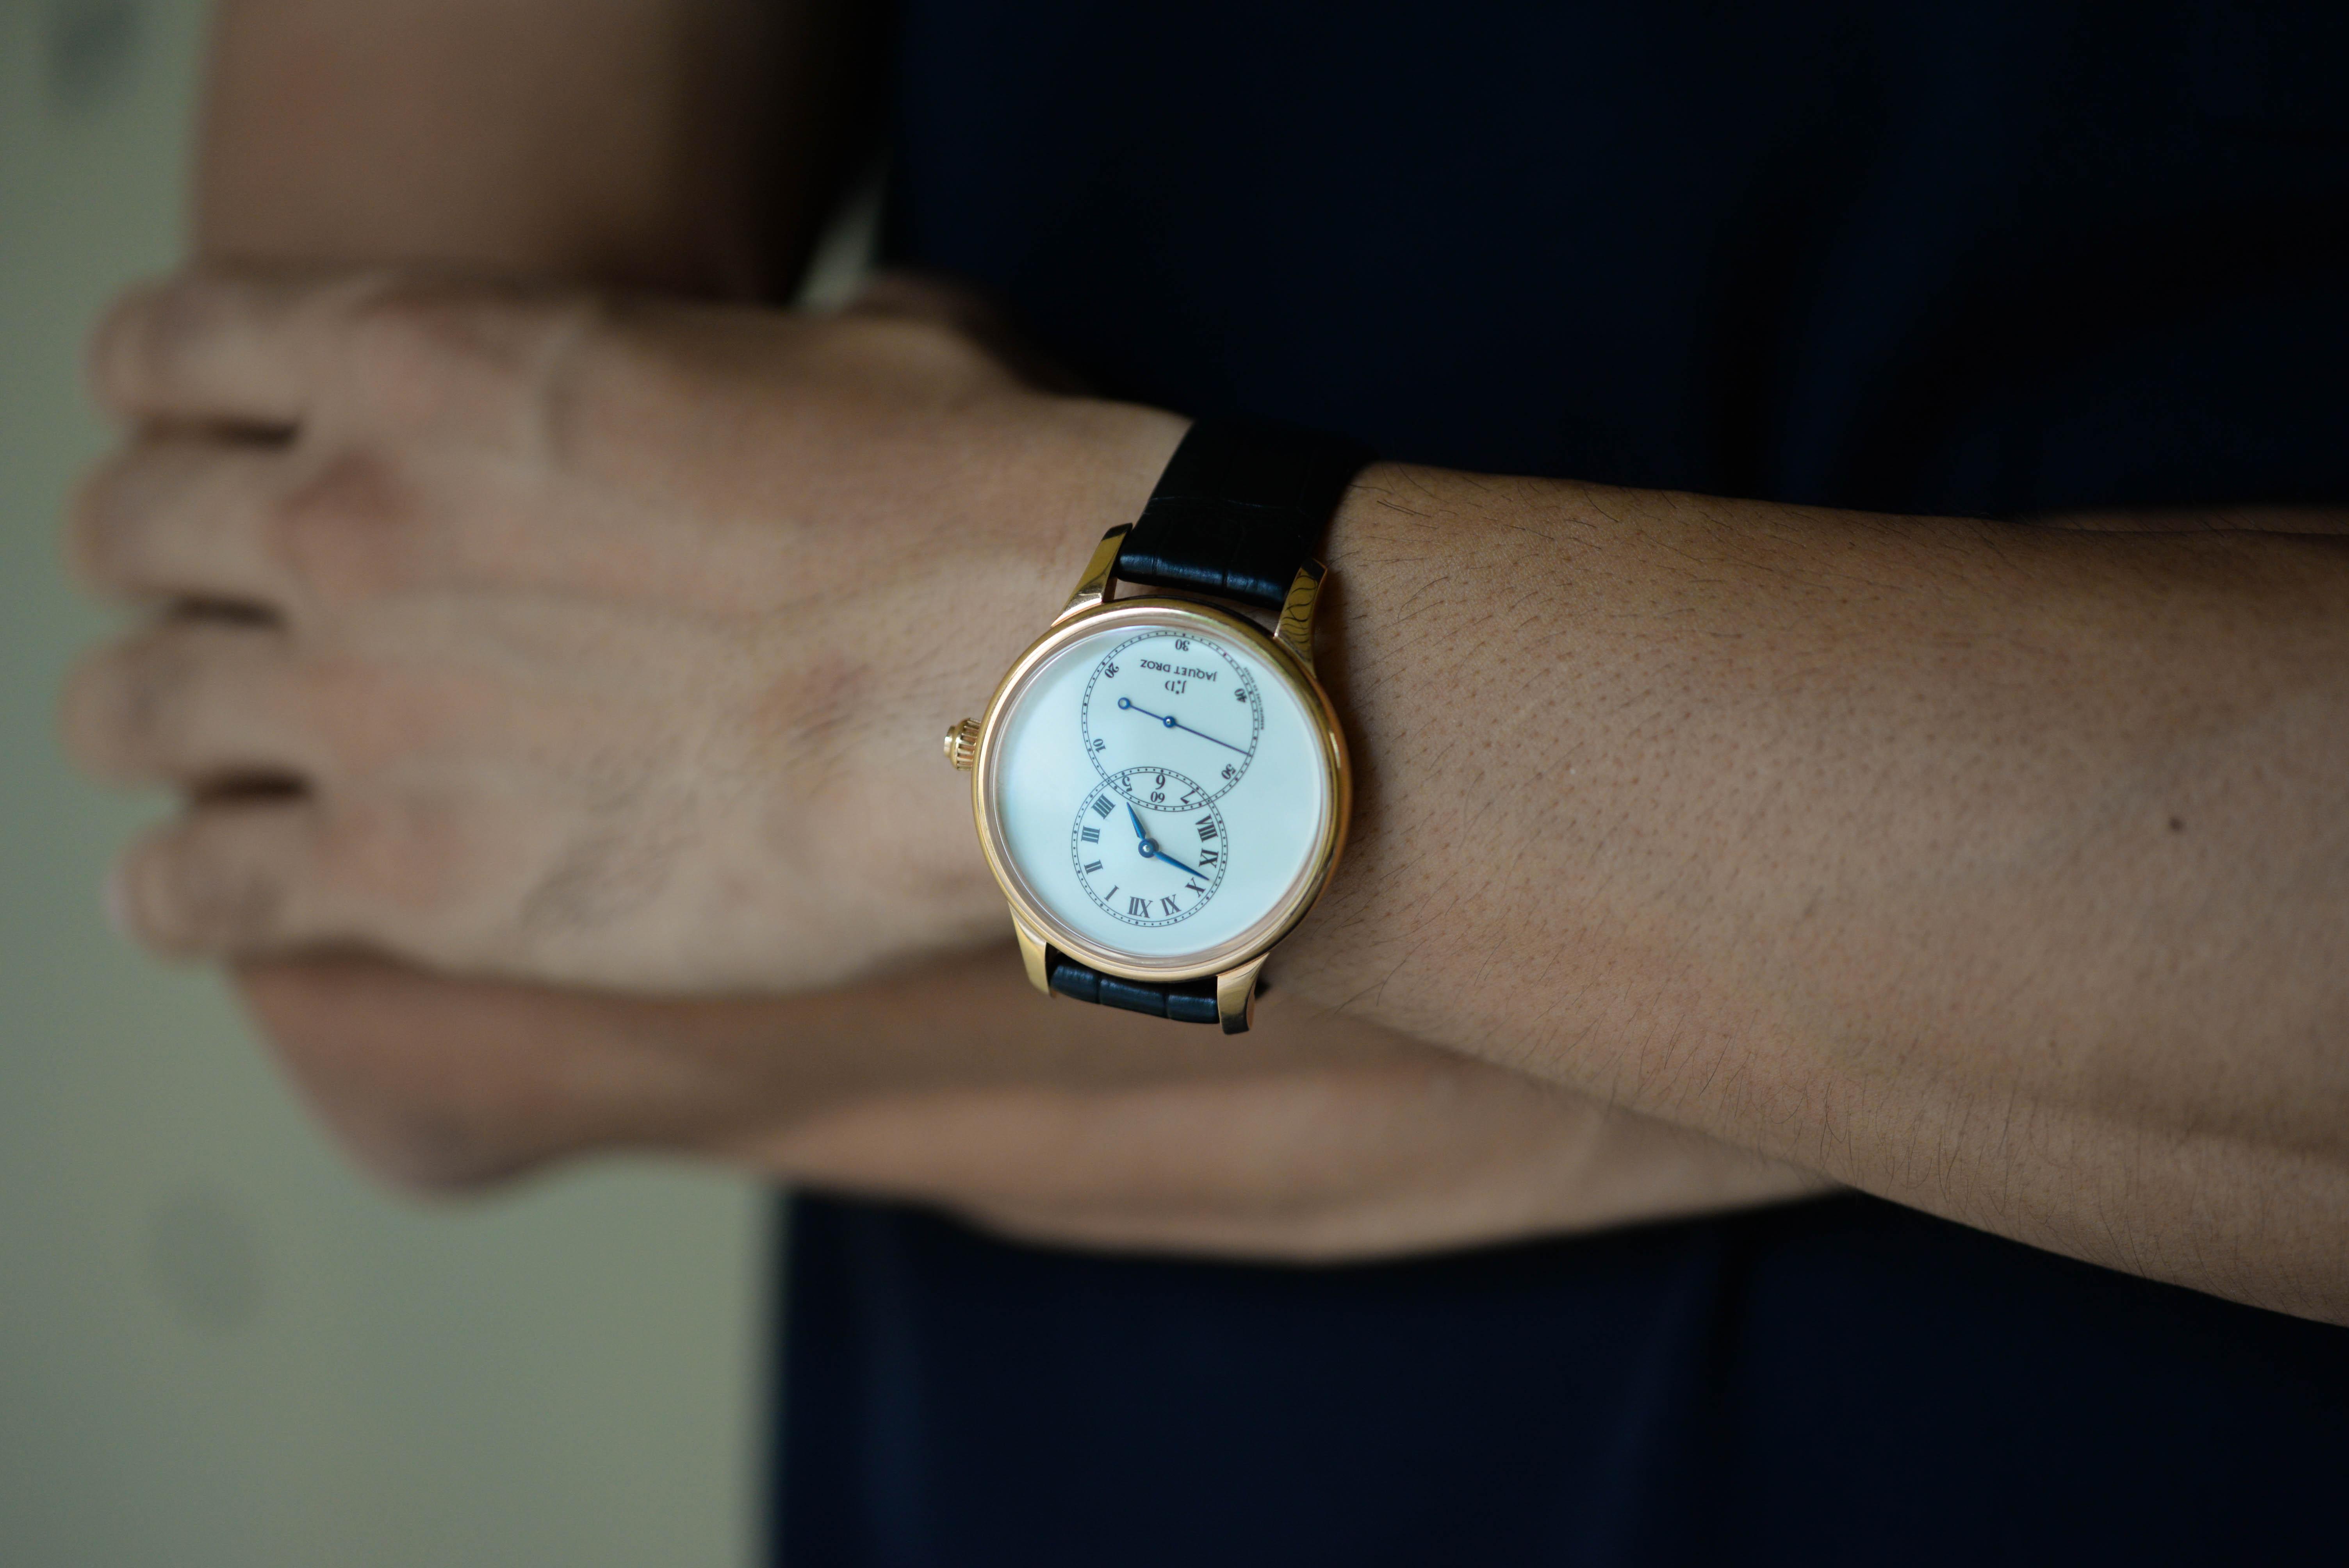 河村さんの腕時計はジャケ・ドローのグラン・セコンド